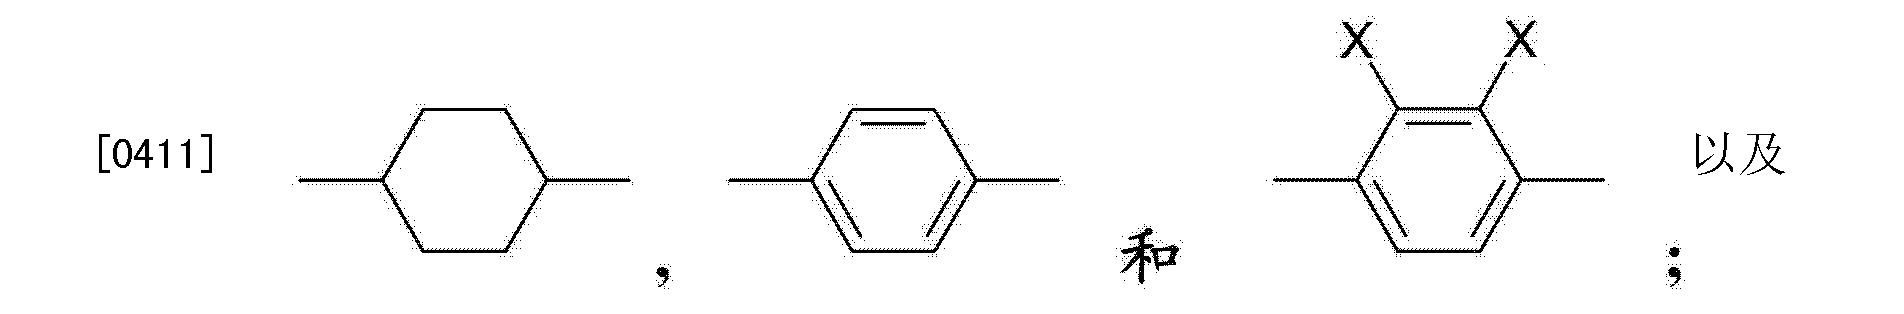 Figure CN103180409BD00443